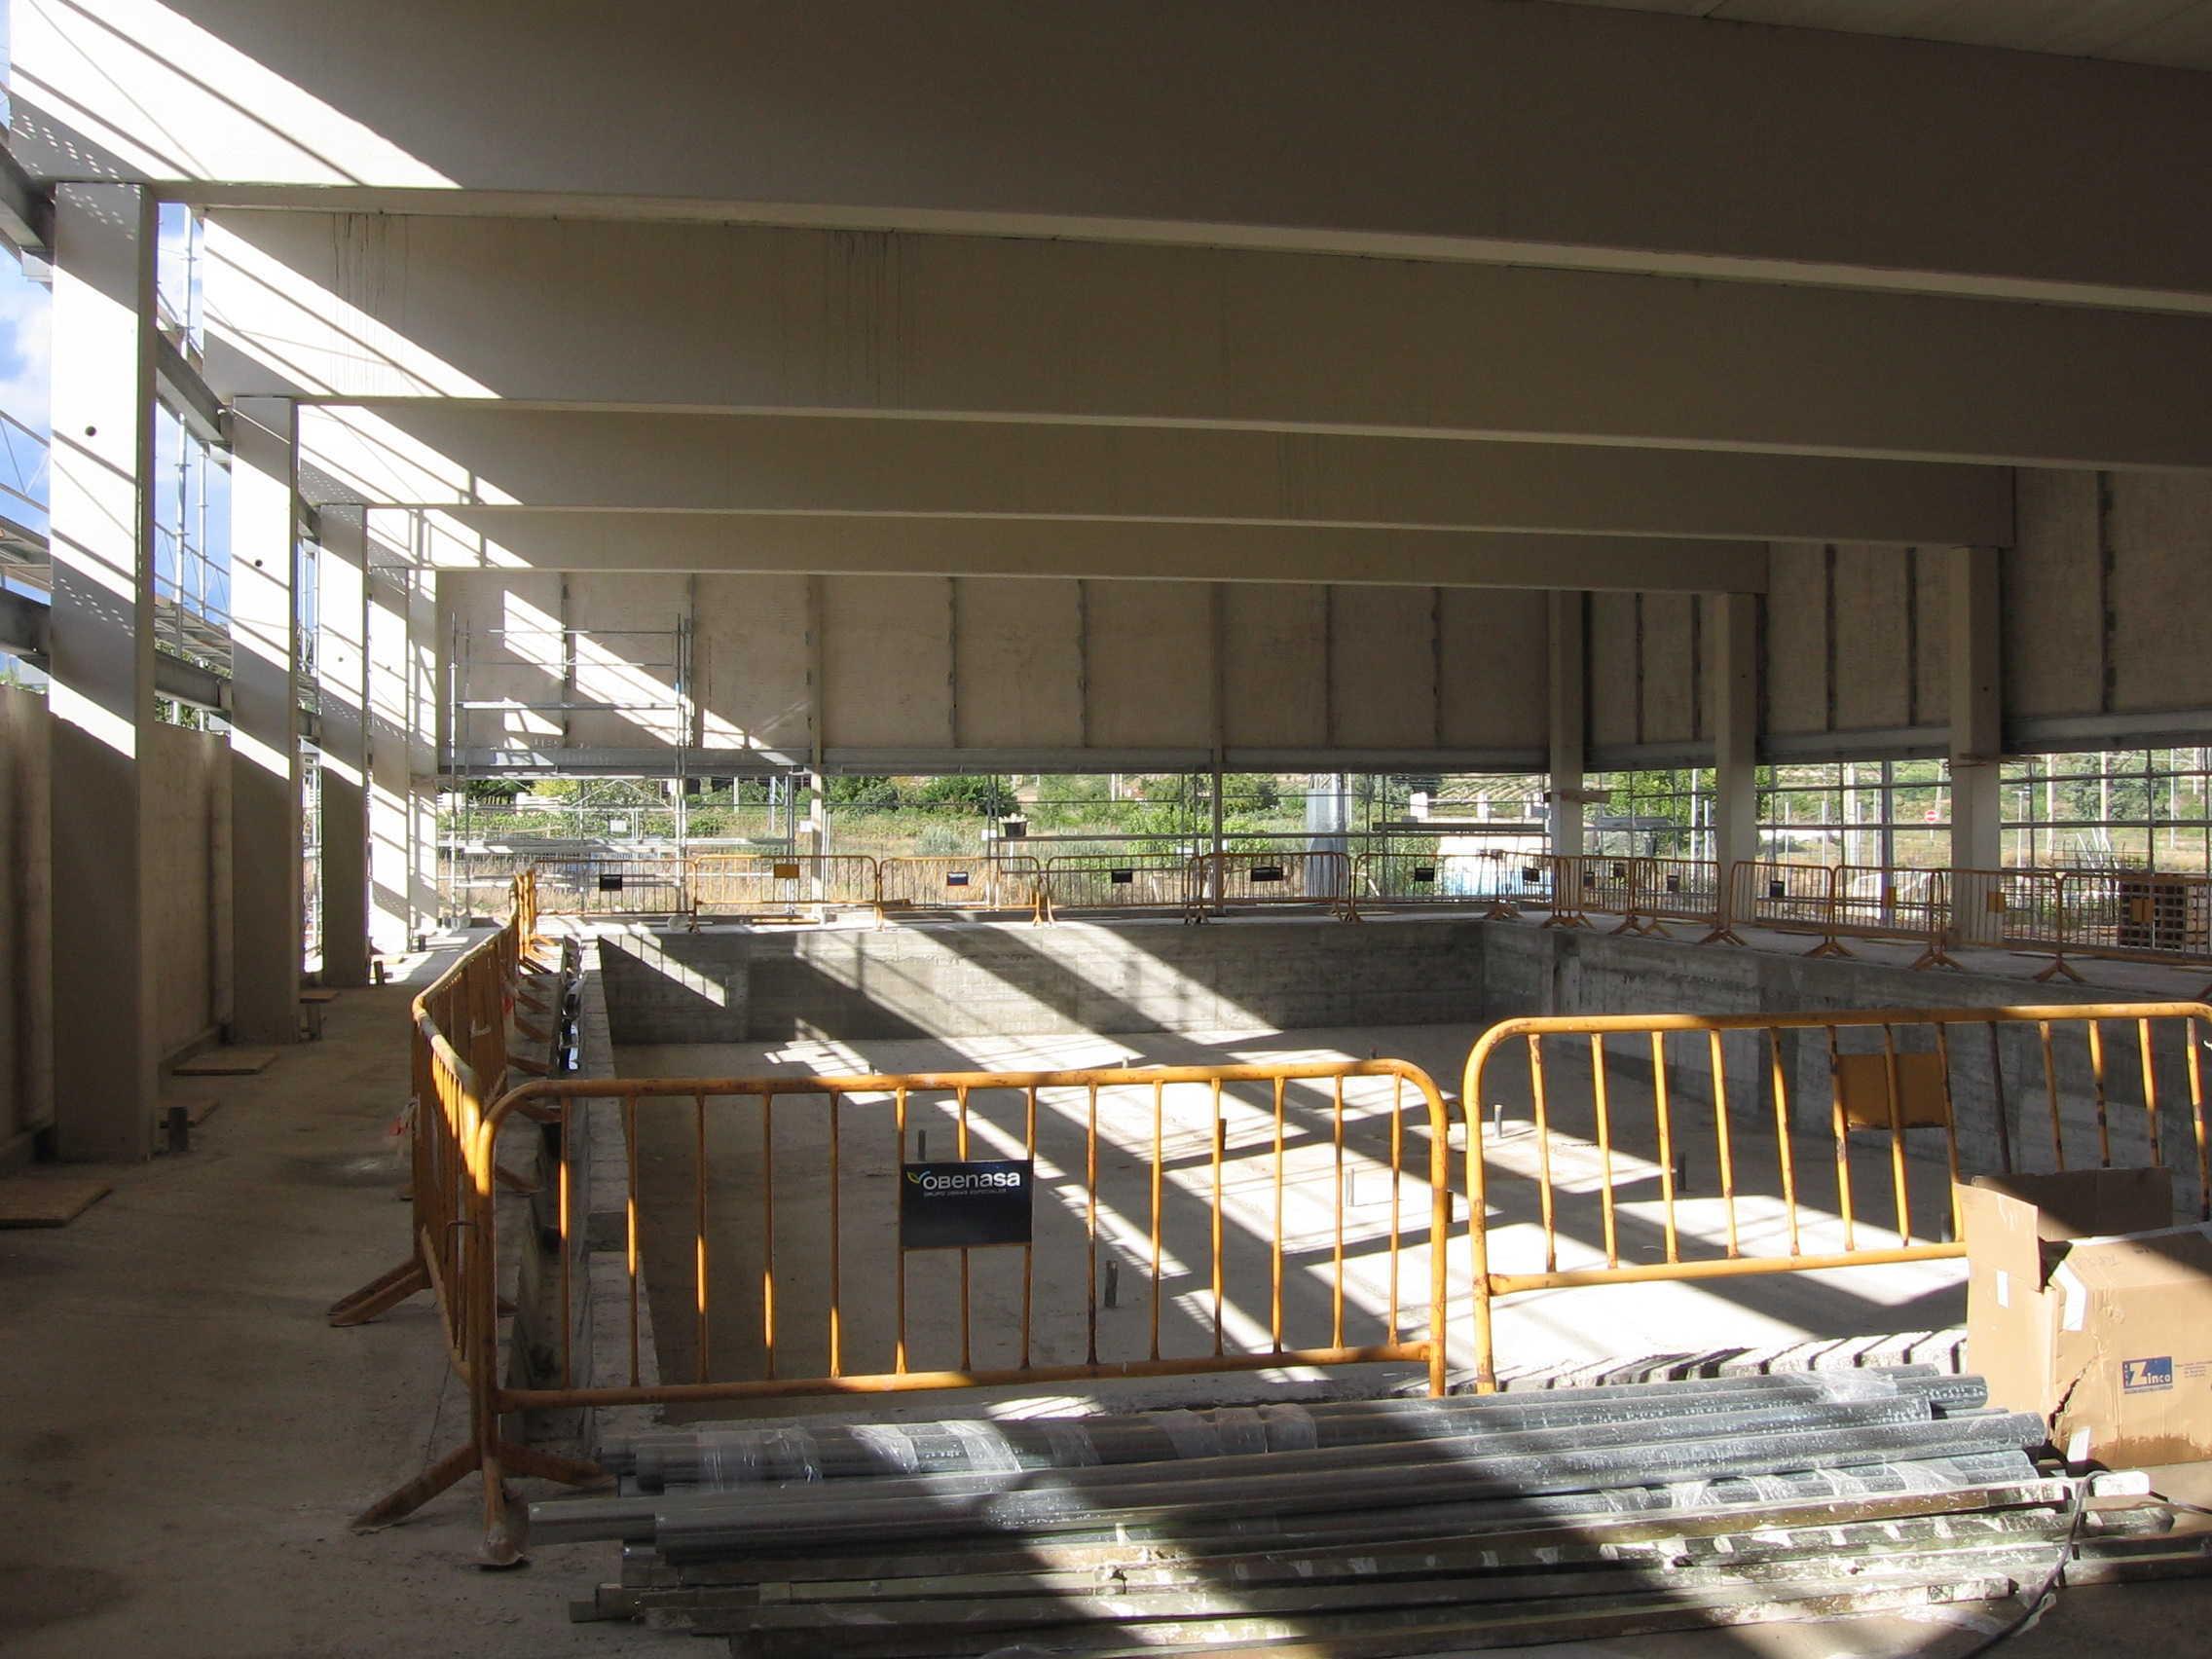 Piscina cubierta en Oyón-Oion (Álava)</br></br> 2006</br></br> <h4>Cliente: Virai Arquitectos S.L.P. (Juan Herranz y Marta Parra)</h4>